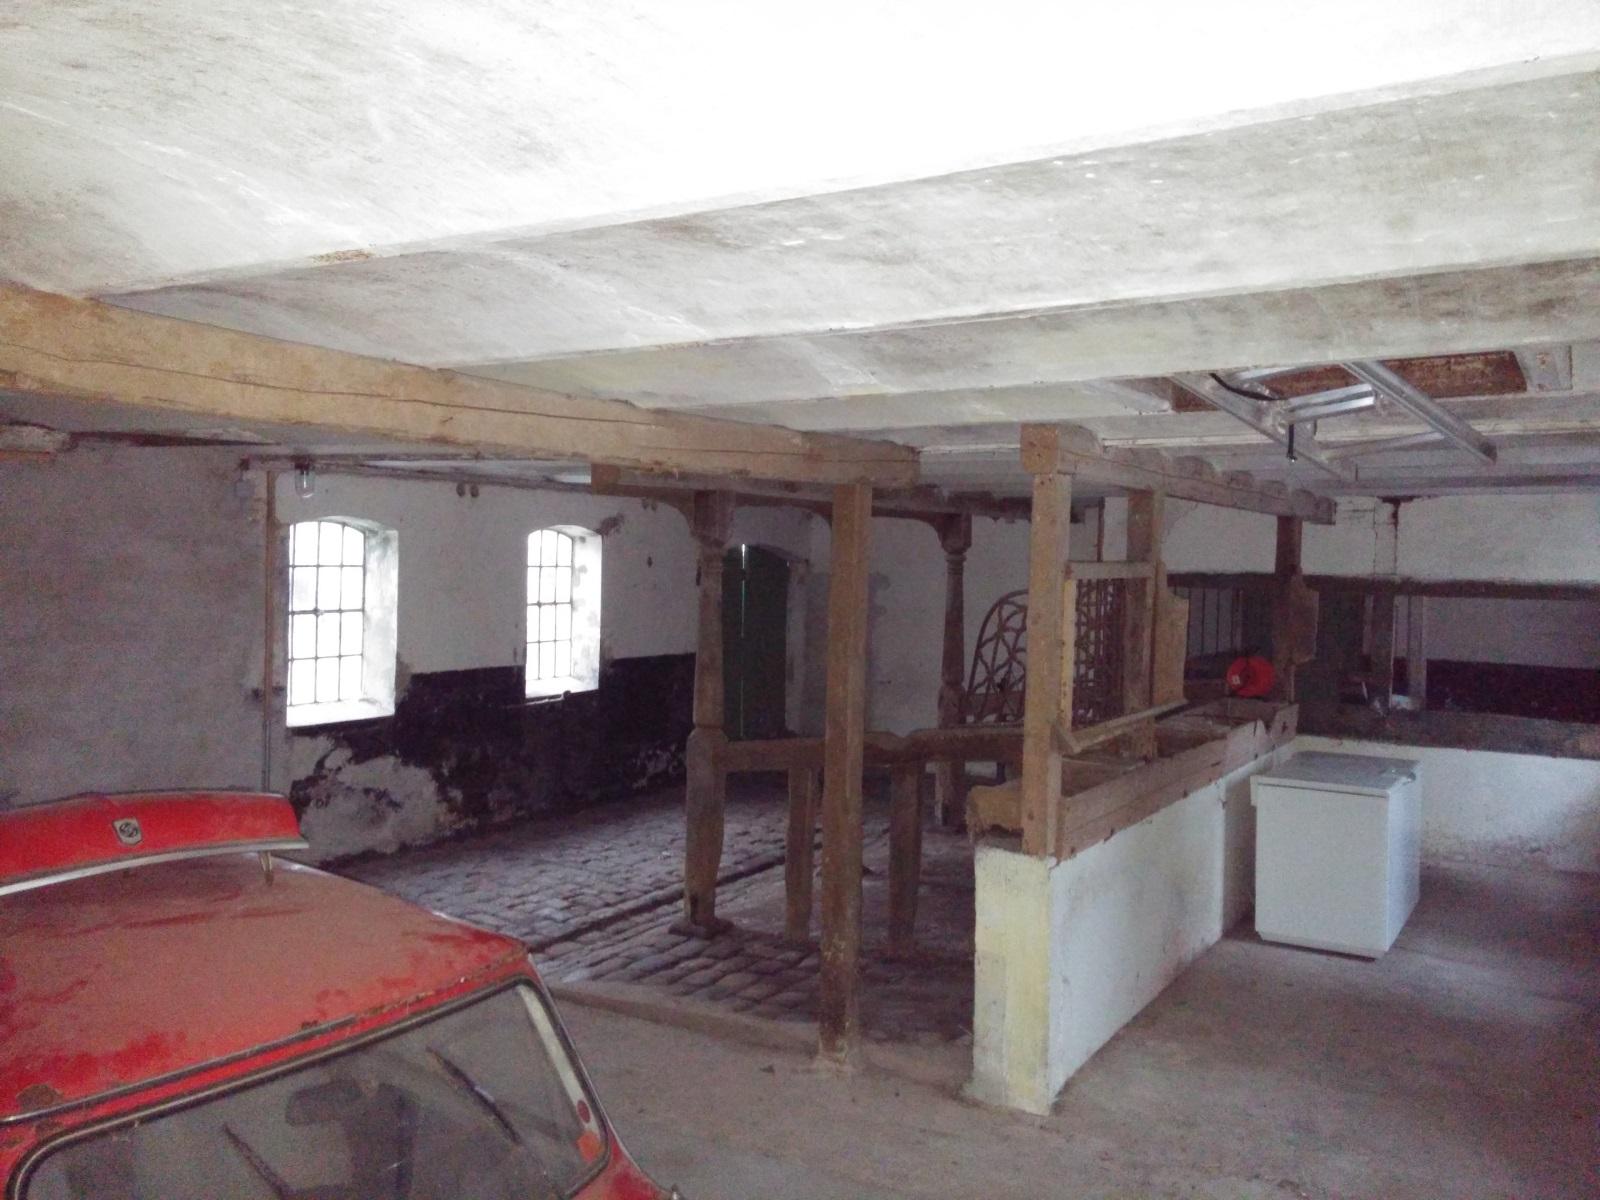 Renovering af lade (nyt gulv), kan jeg fjerne understøtning?